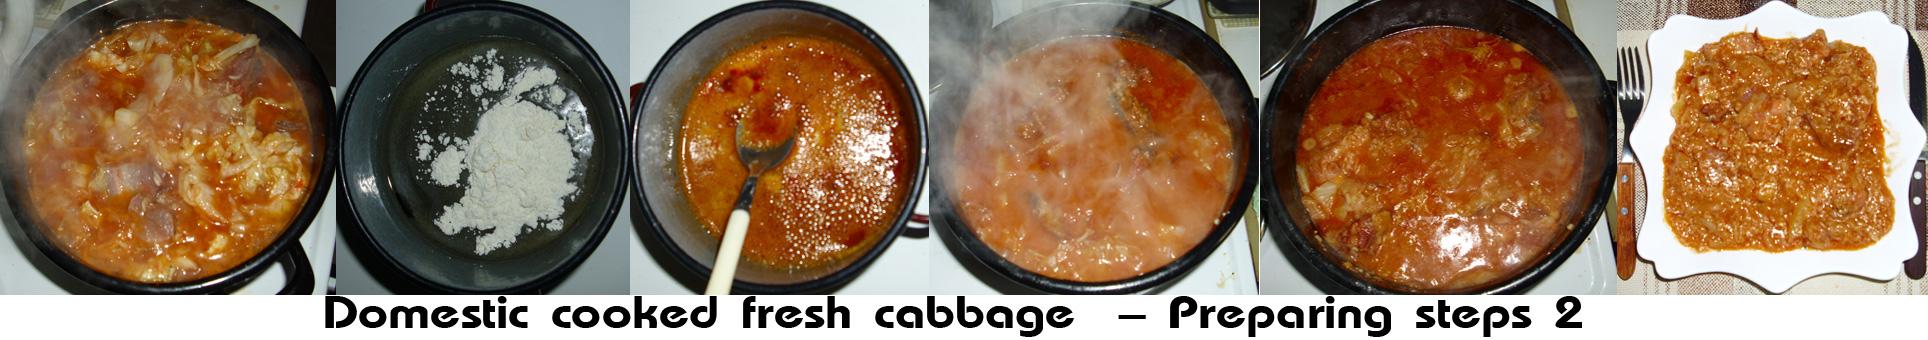 Domestic cooked fresh cabbage prepare2